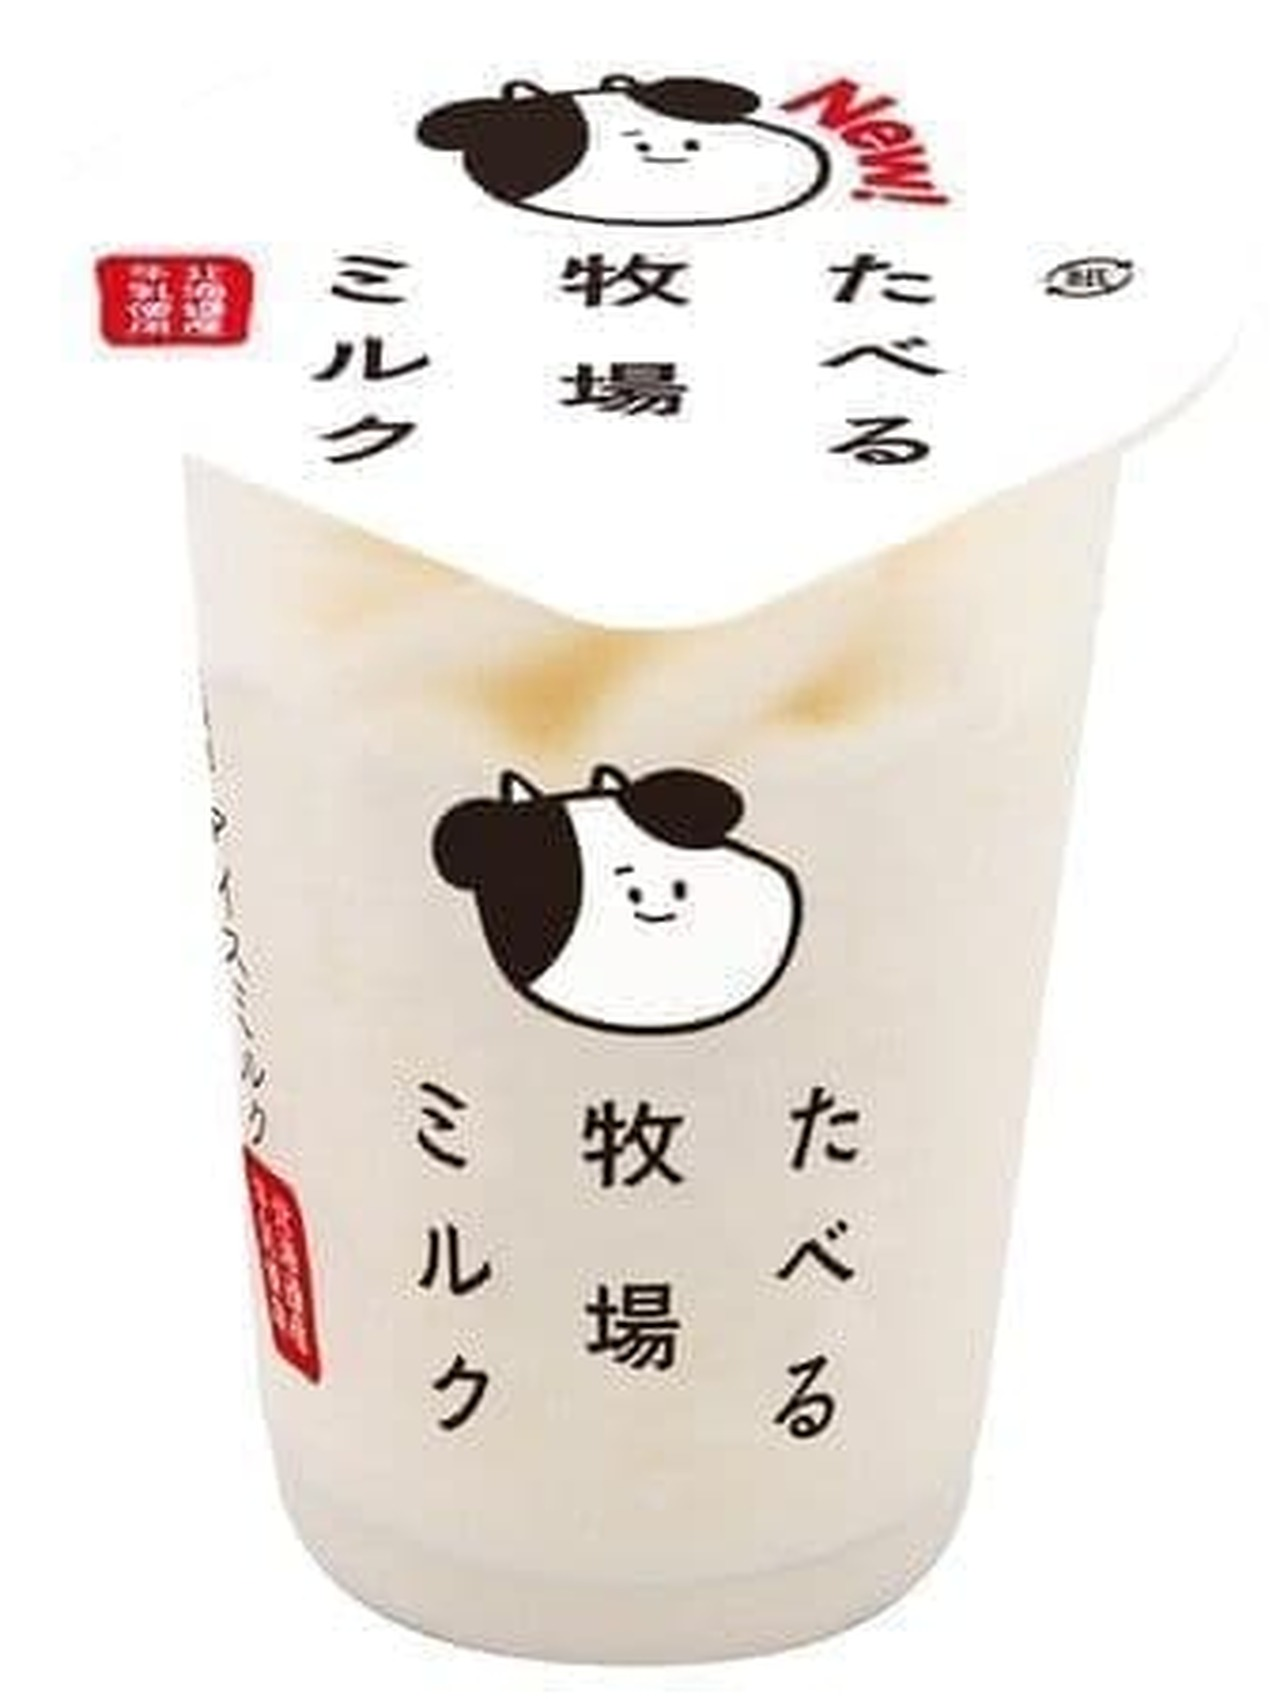 ファミリーマートオリジナルアイス「たべる牧場ミルク」